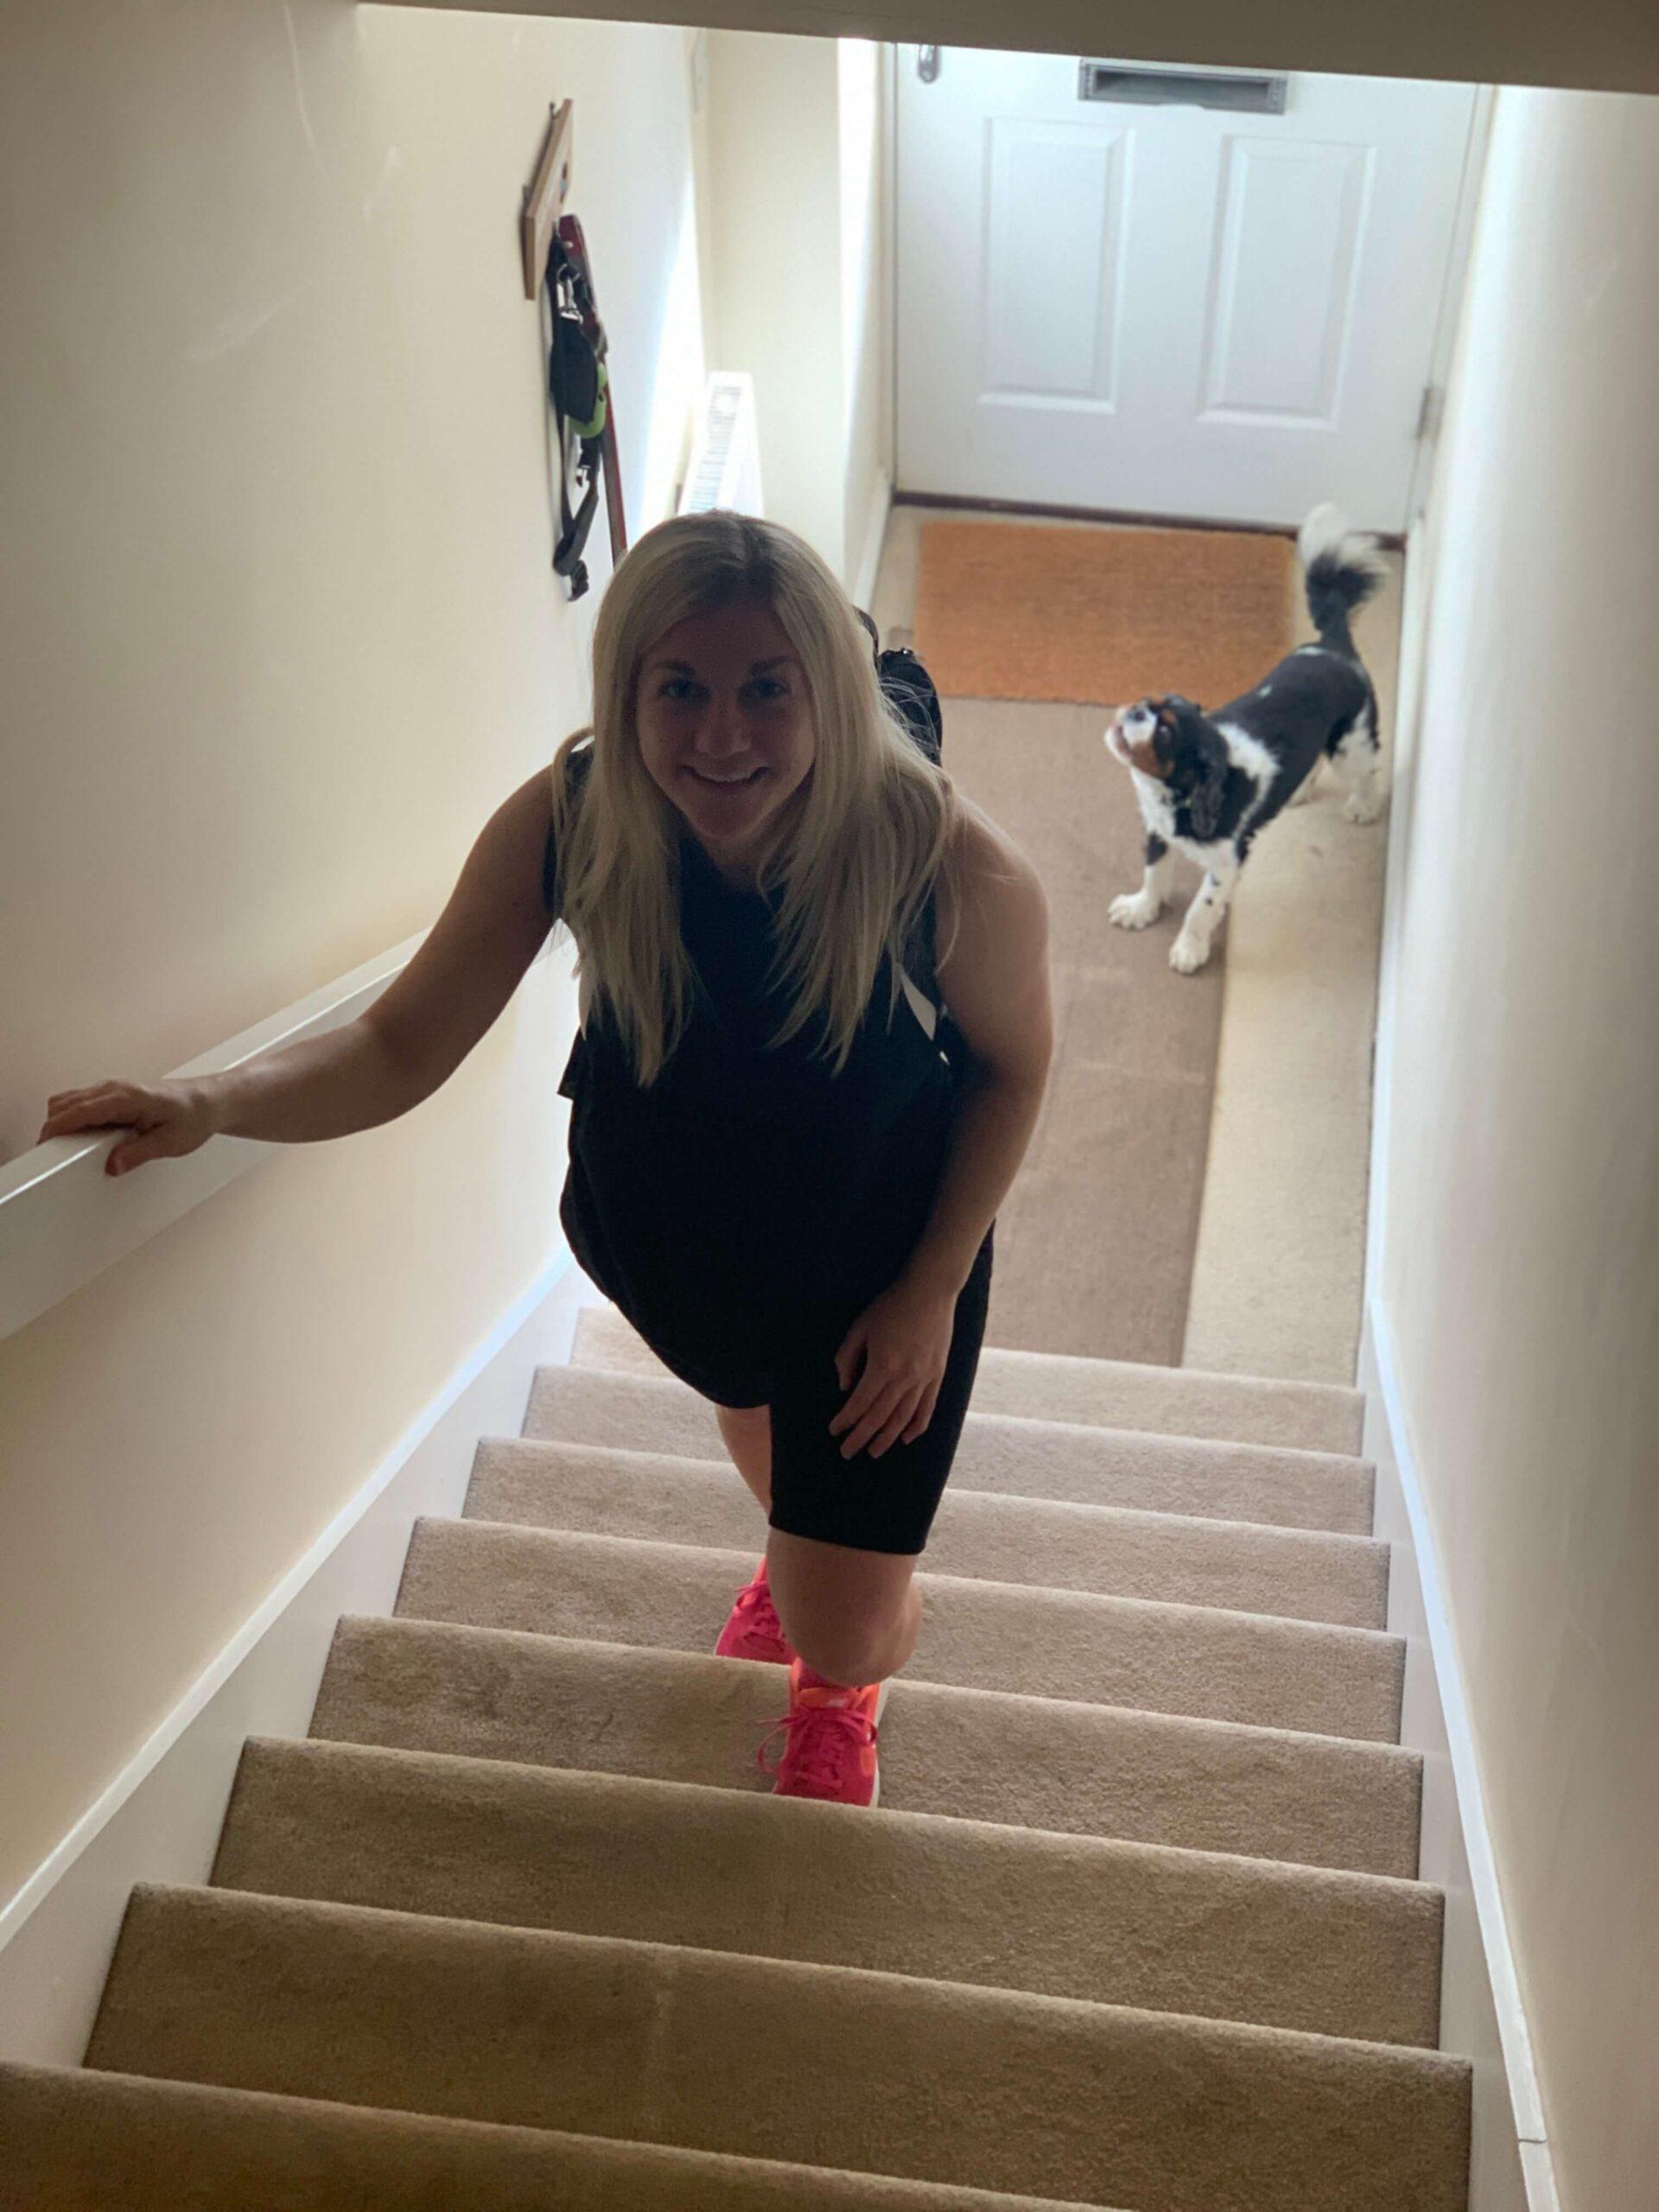 Stair case challenge